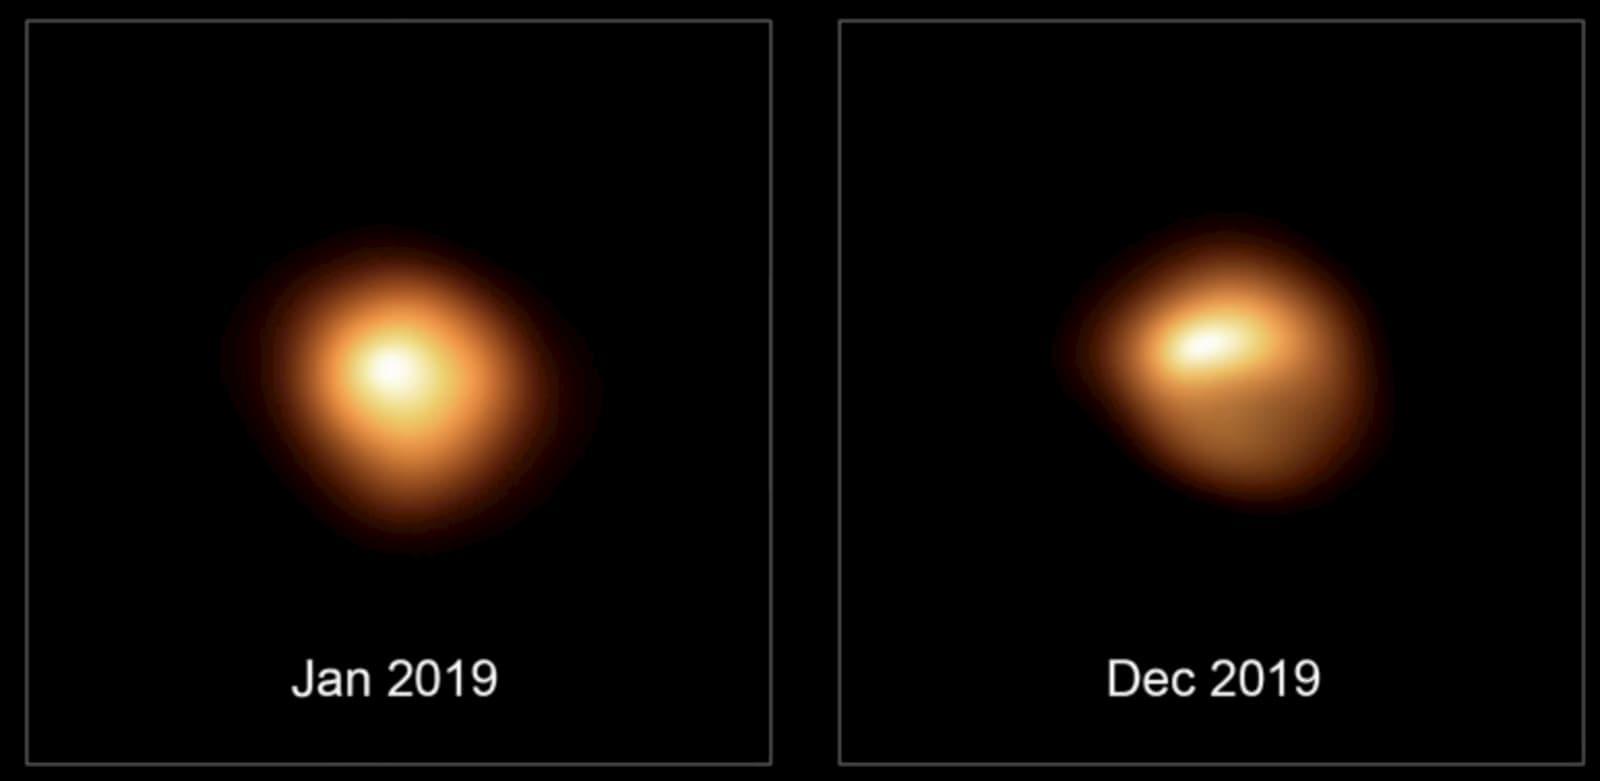 Imagens de alta resolução de Betelgeuse mostram a distribuição do brilho na luz visível em sua superfície antes e durante seu escurecimento